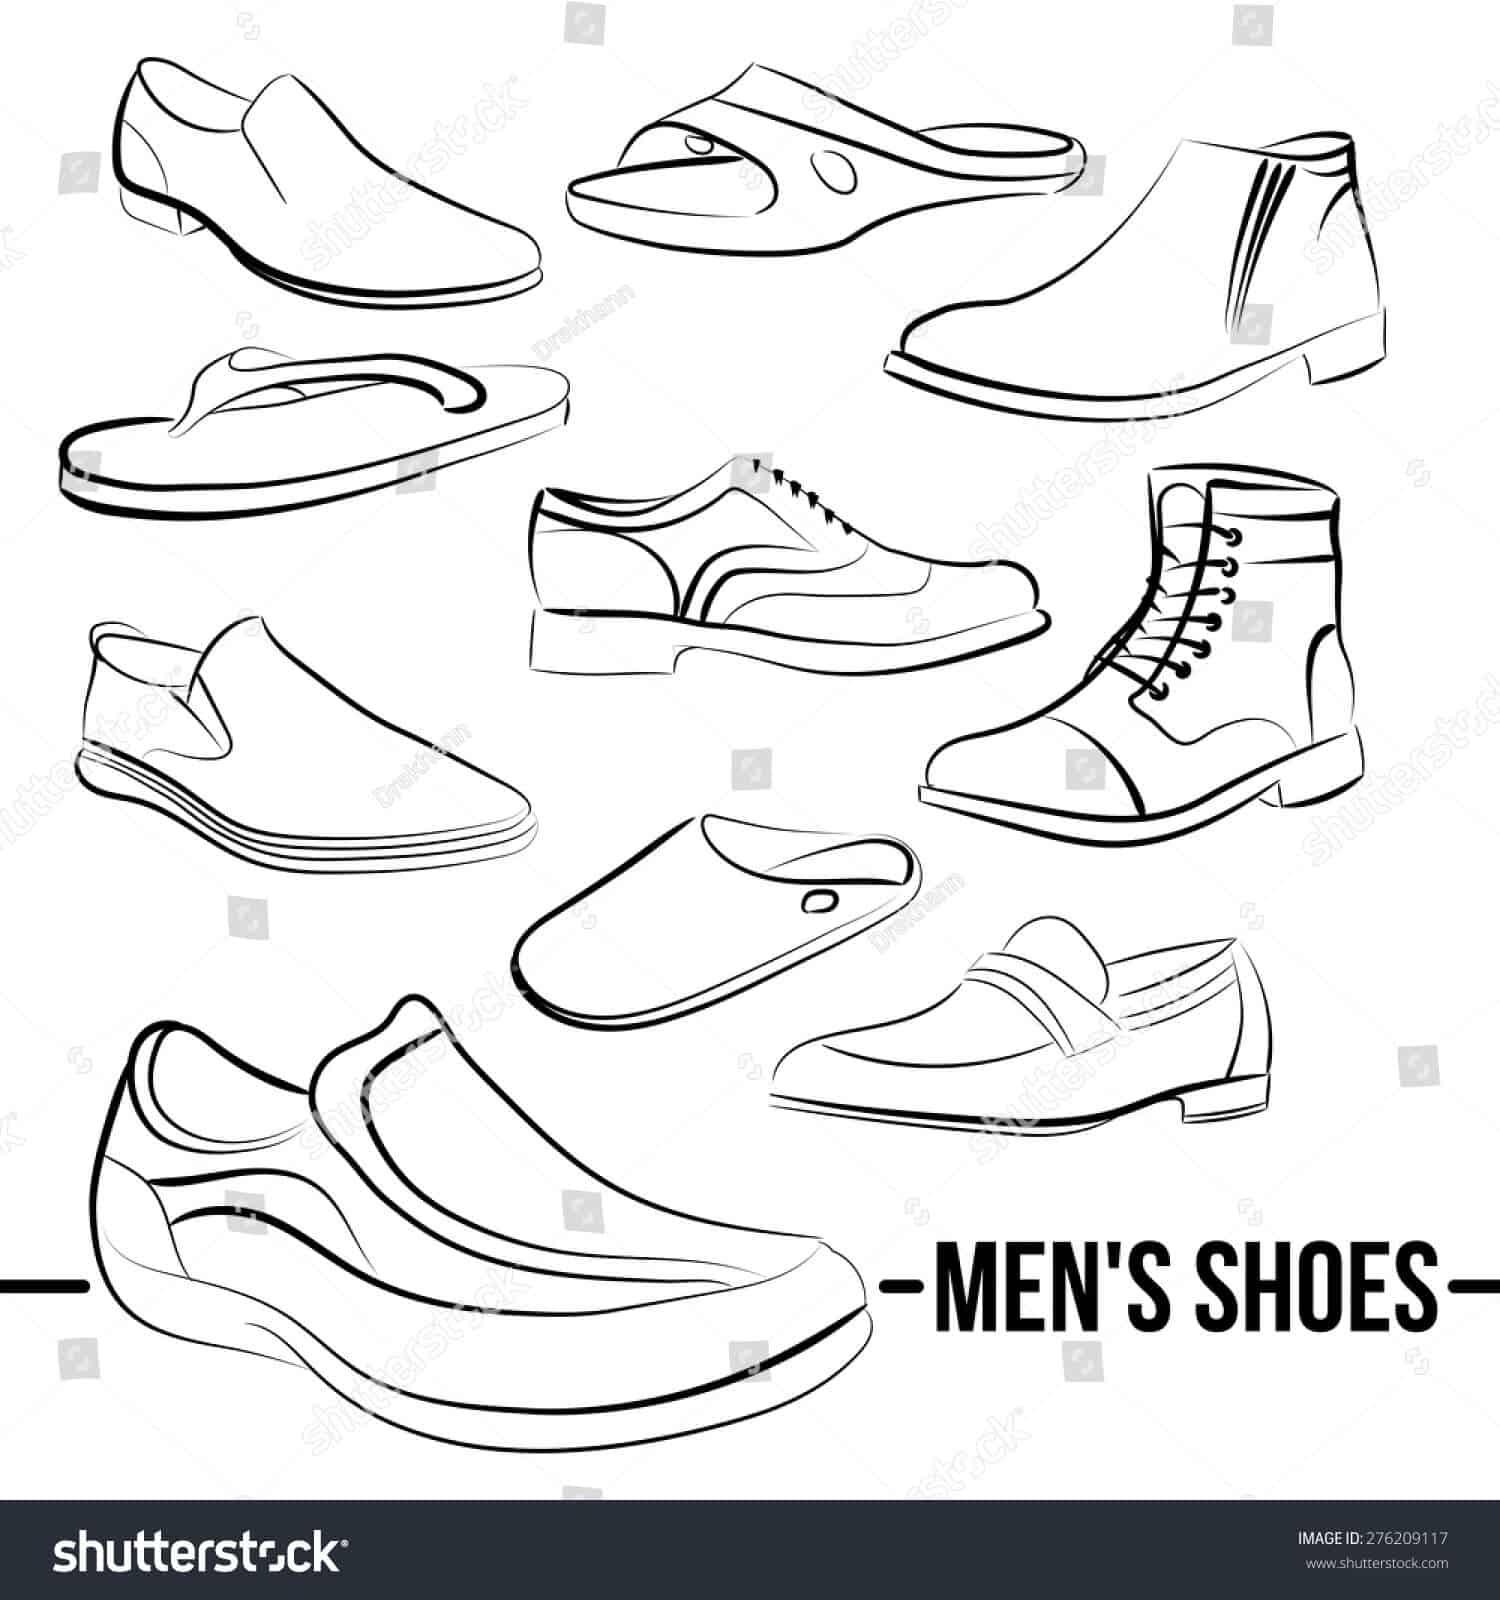 62 ngàn hình ảnh giày nam chất lượng cao trên Shutterstock